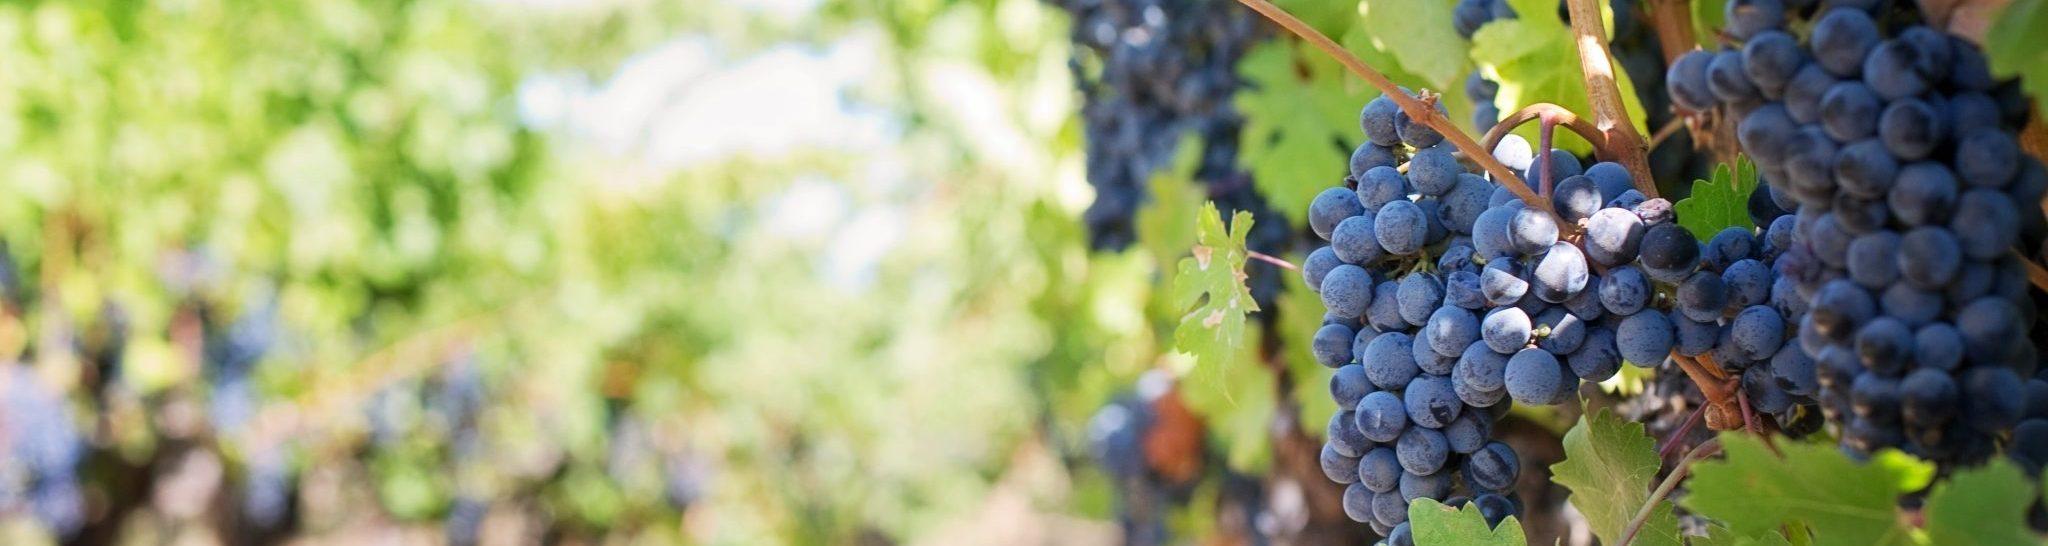 Svensk vingård och vinodling